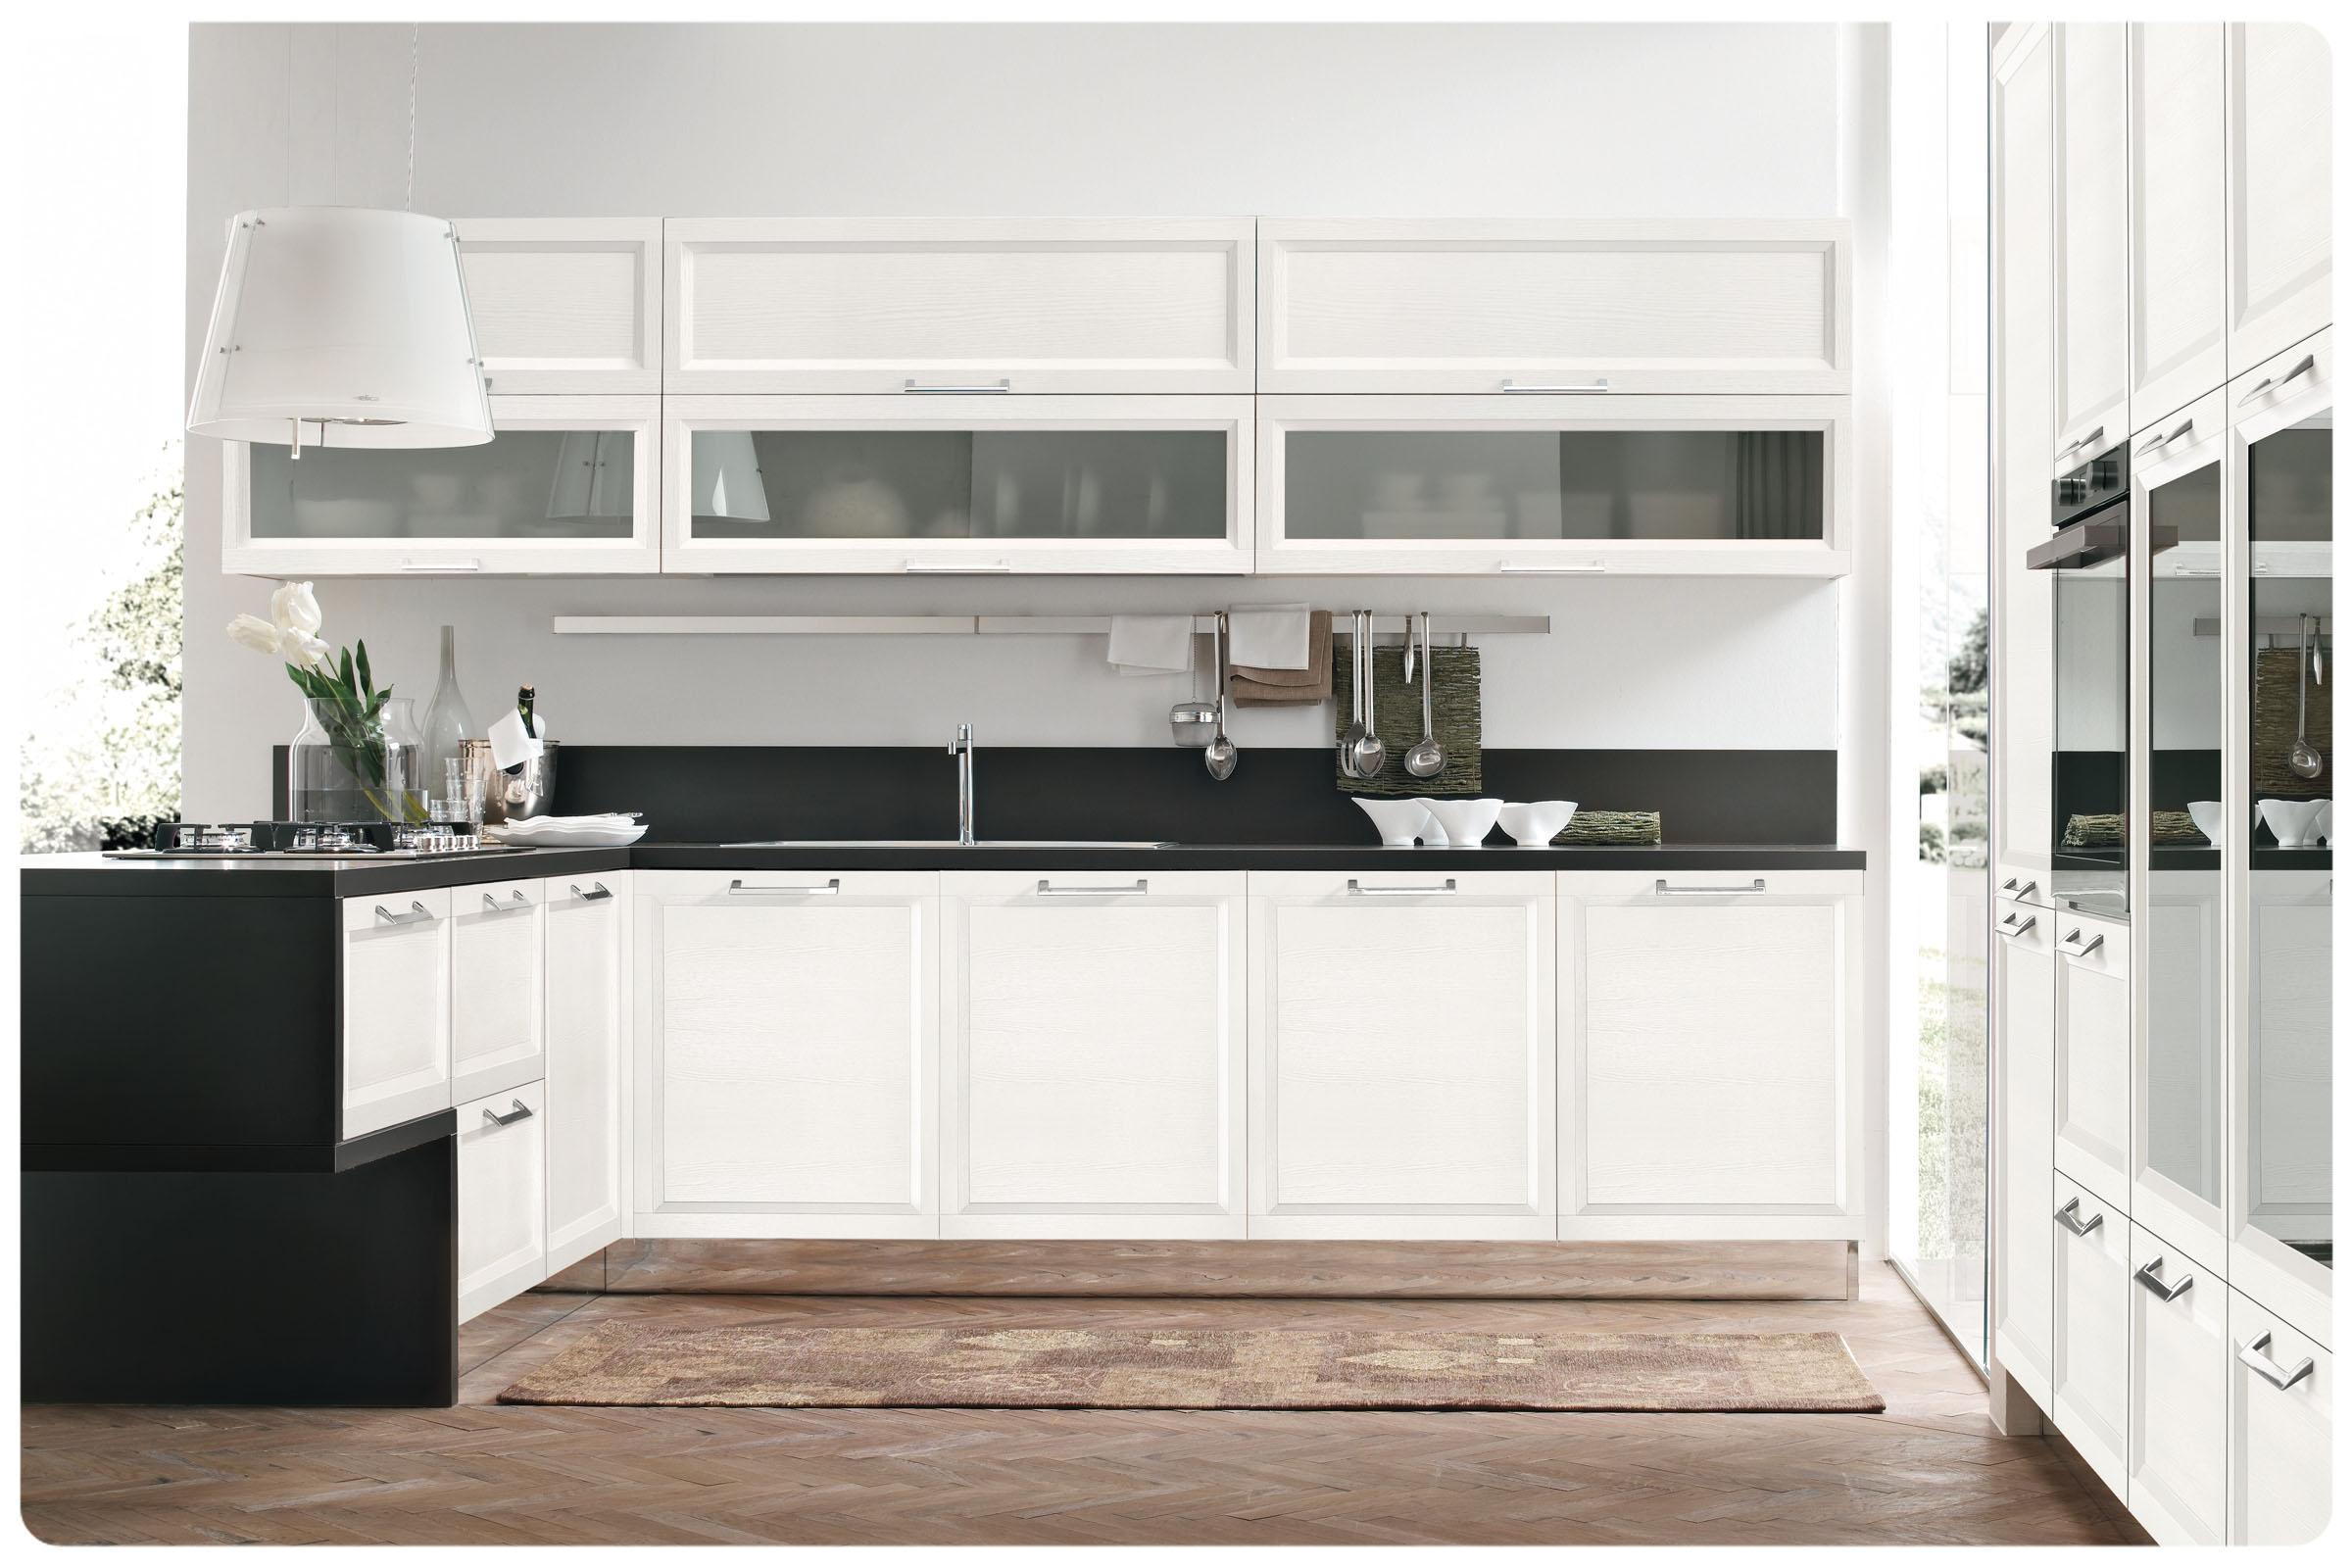 Cucine componibili economiche milano cucine componibili - Catalogo mobili grancasa ...